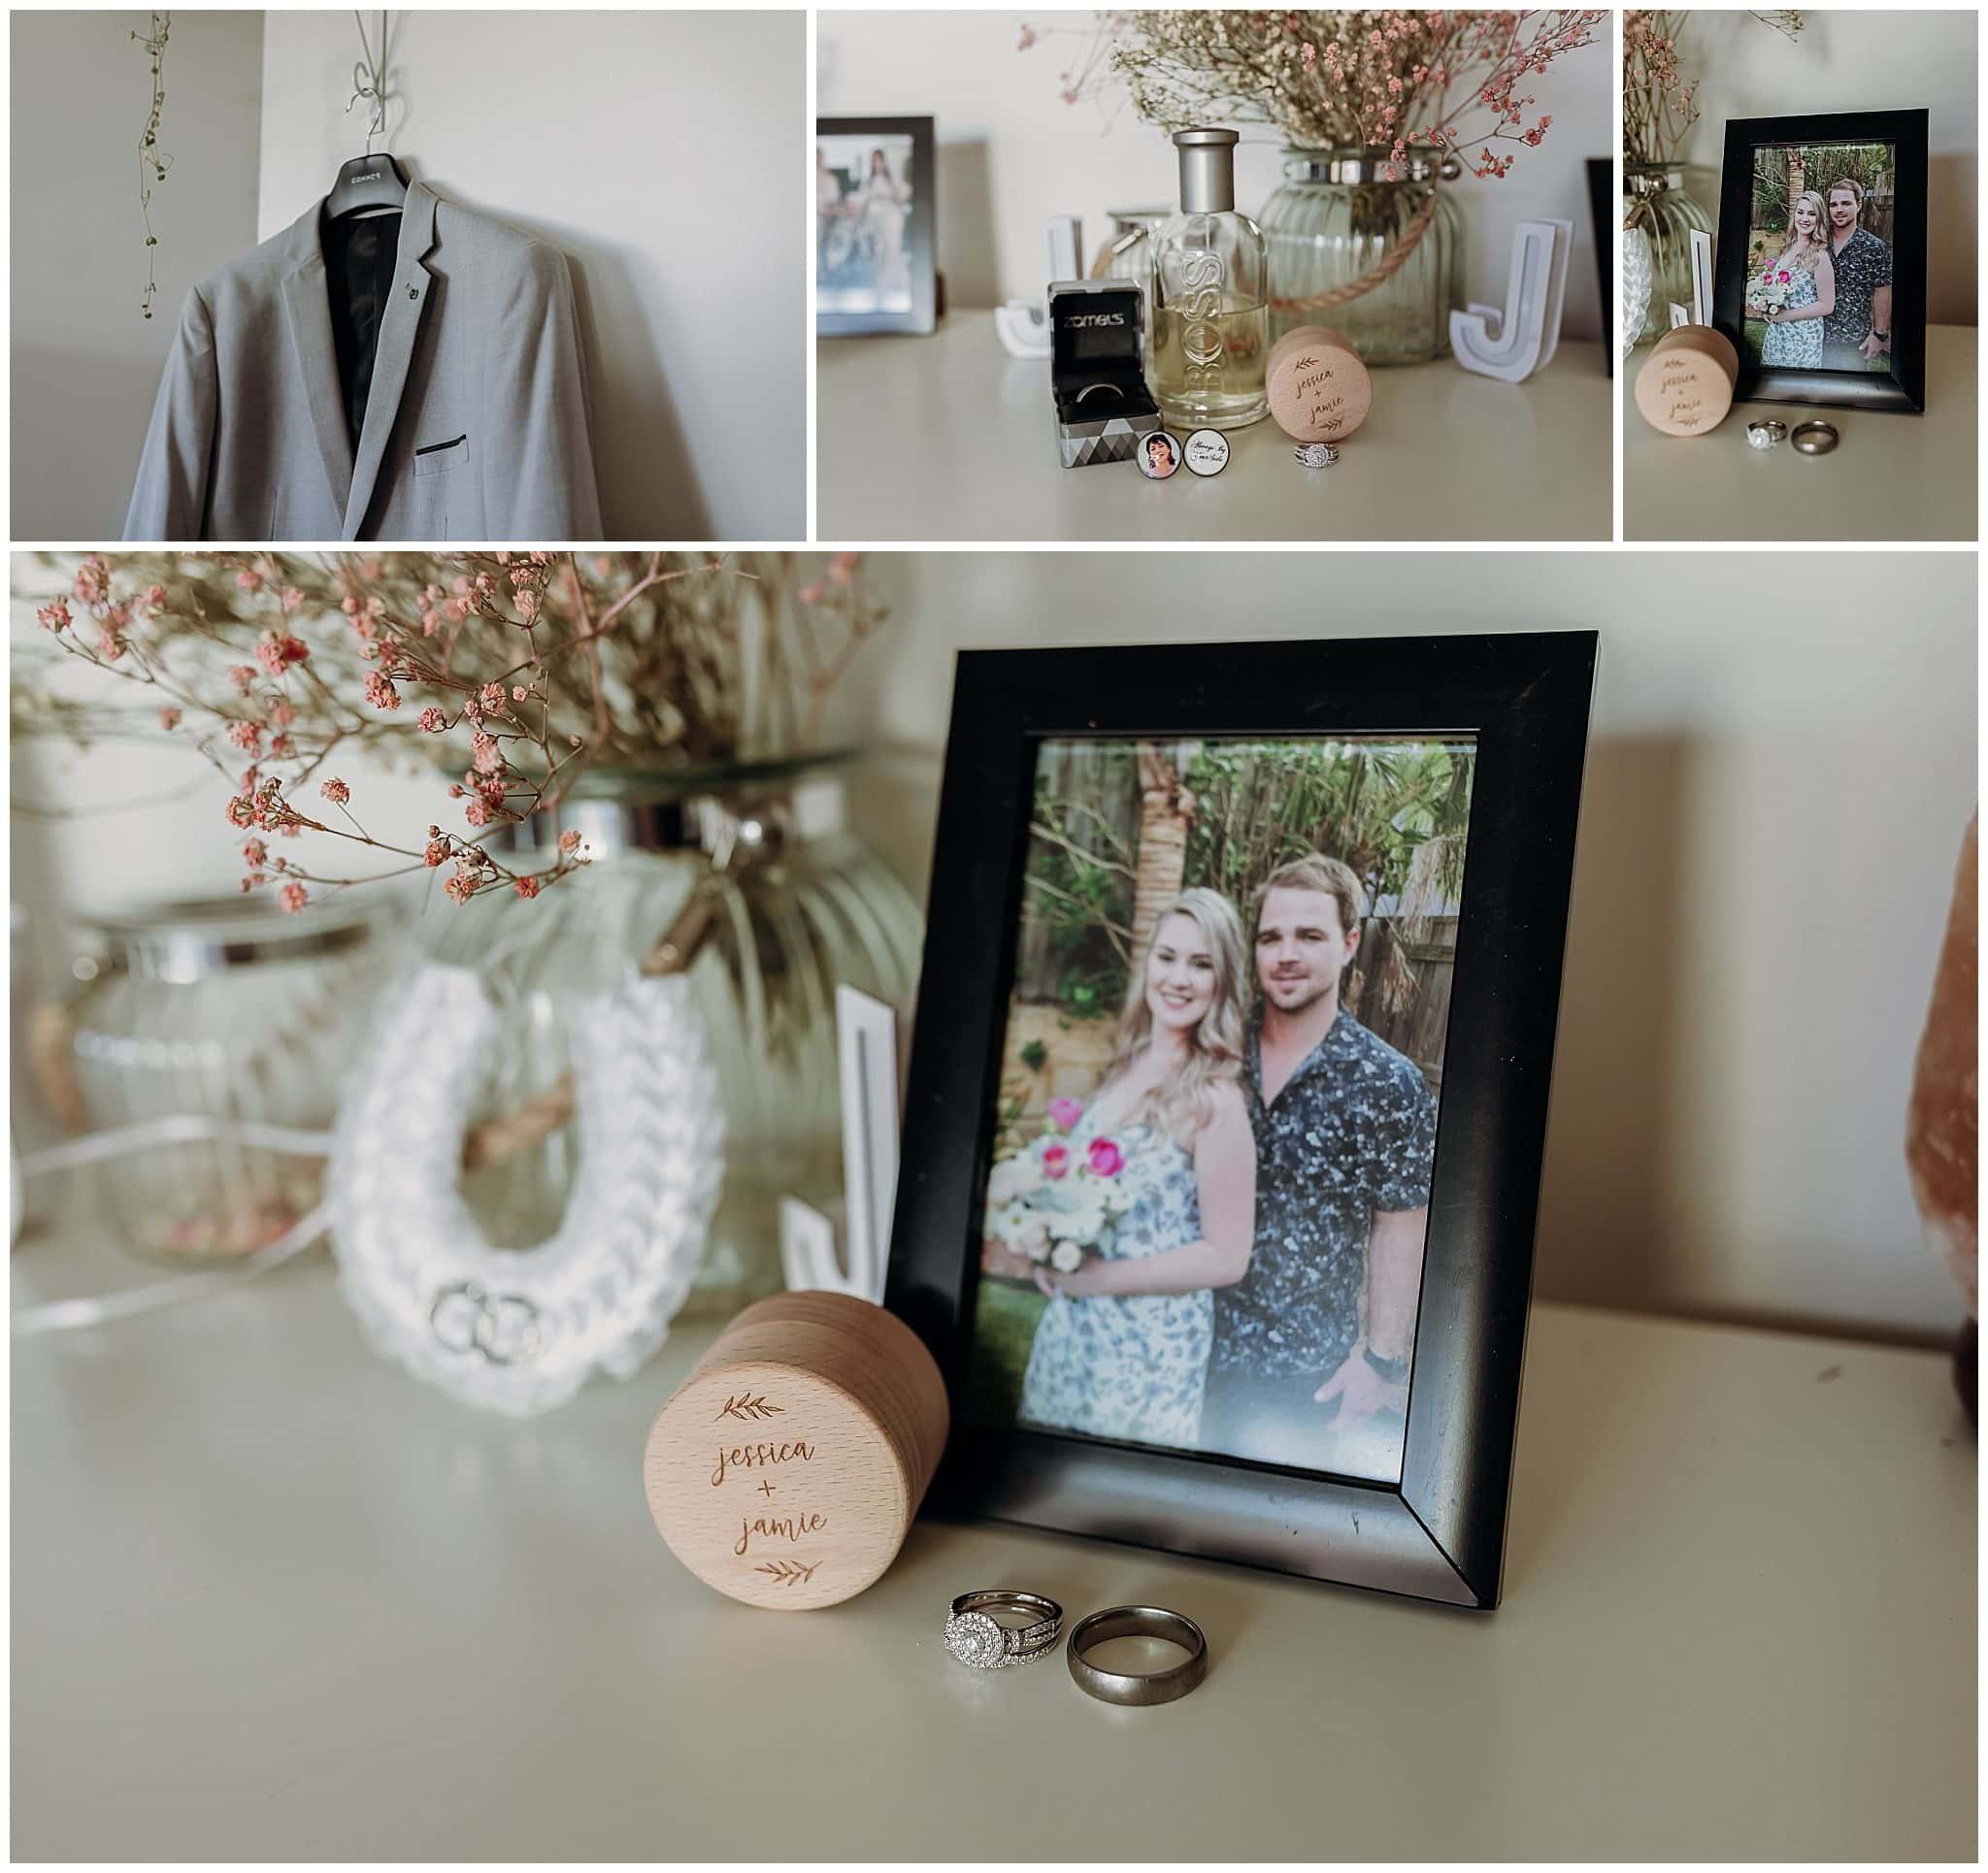 vines-resort-wedding-groom-getting-ready